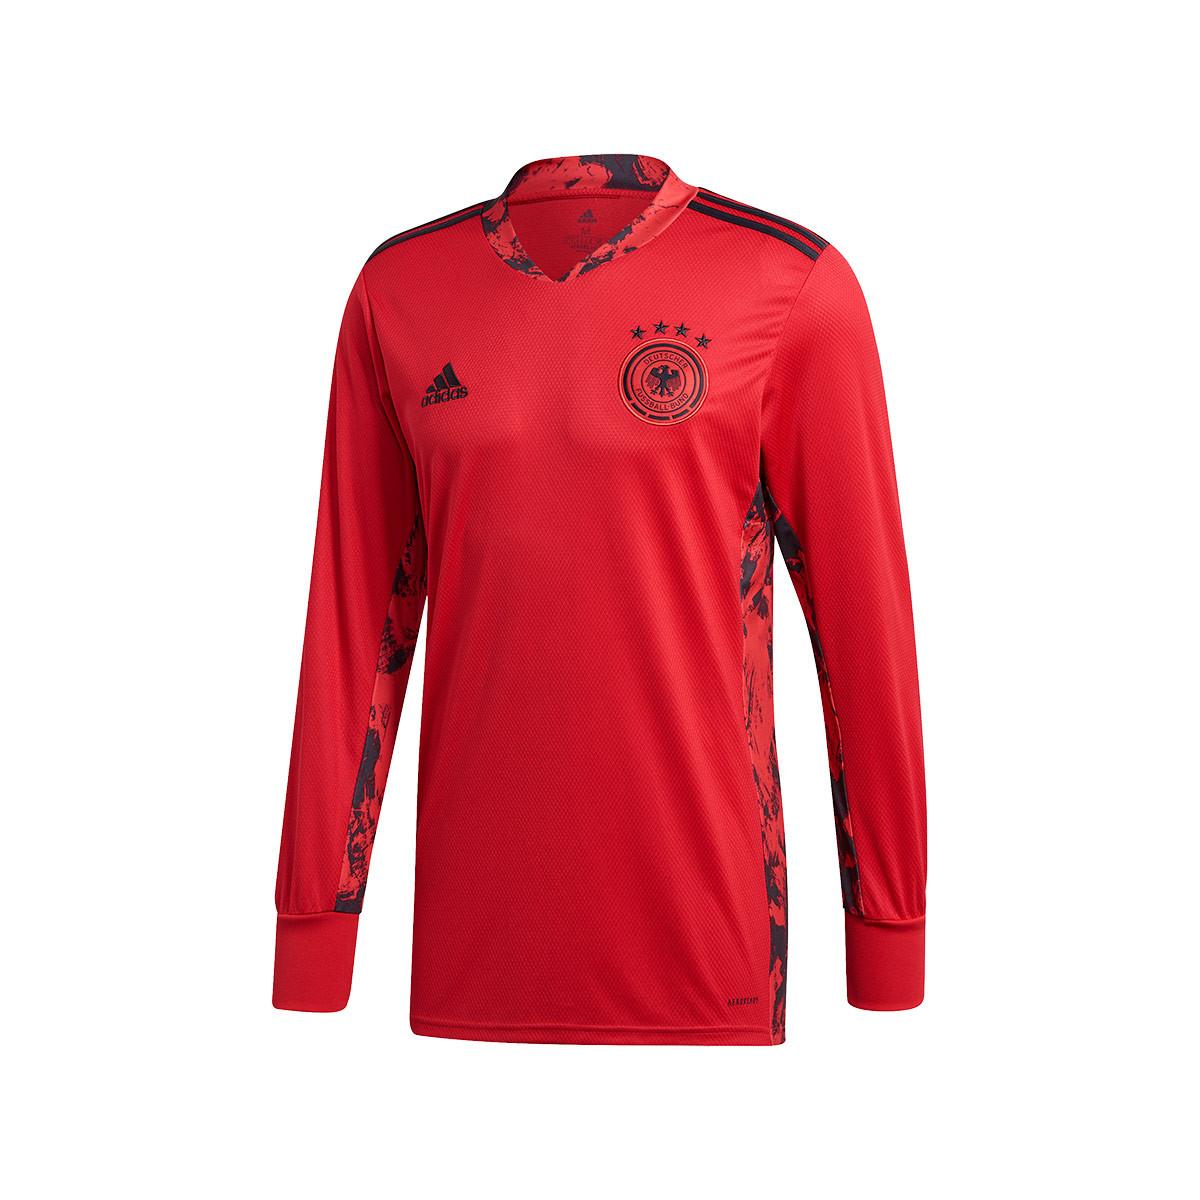 Camiseta adidas Alemania Portero 2019 2020